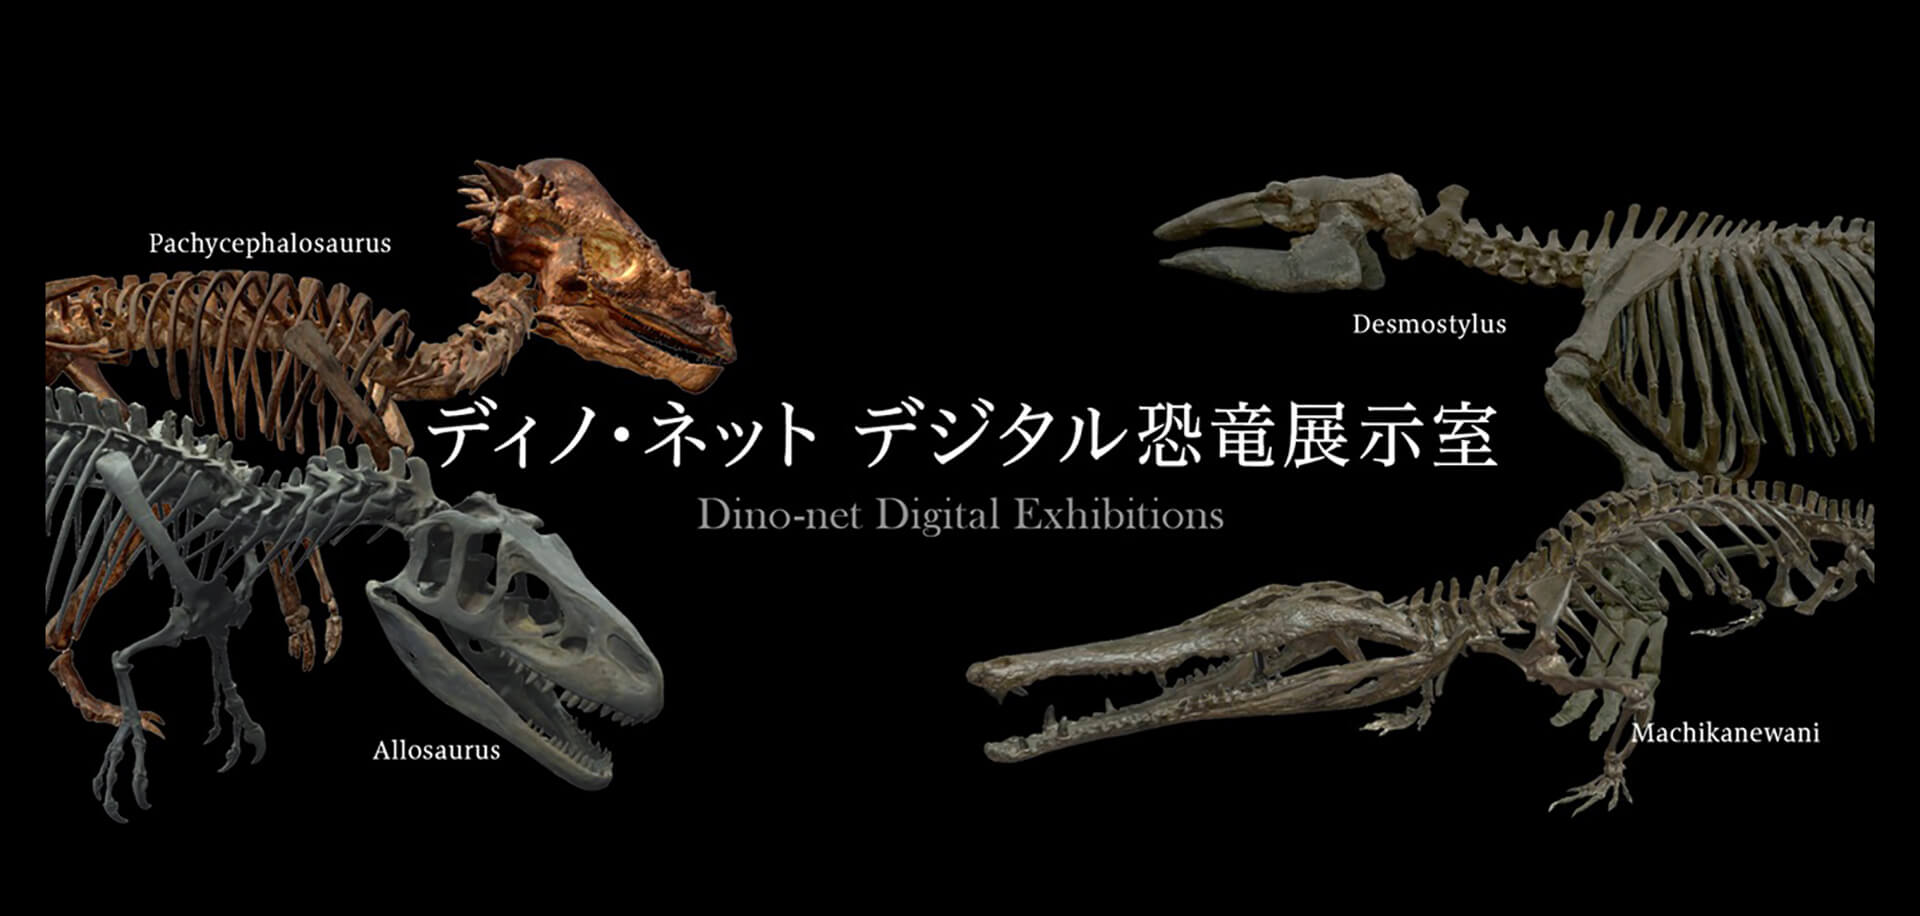 ディノ・ネット デジタル恐竜展示室